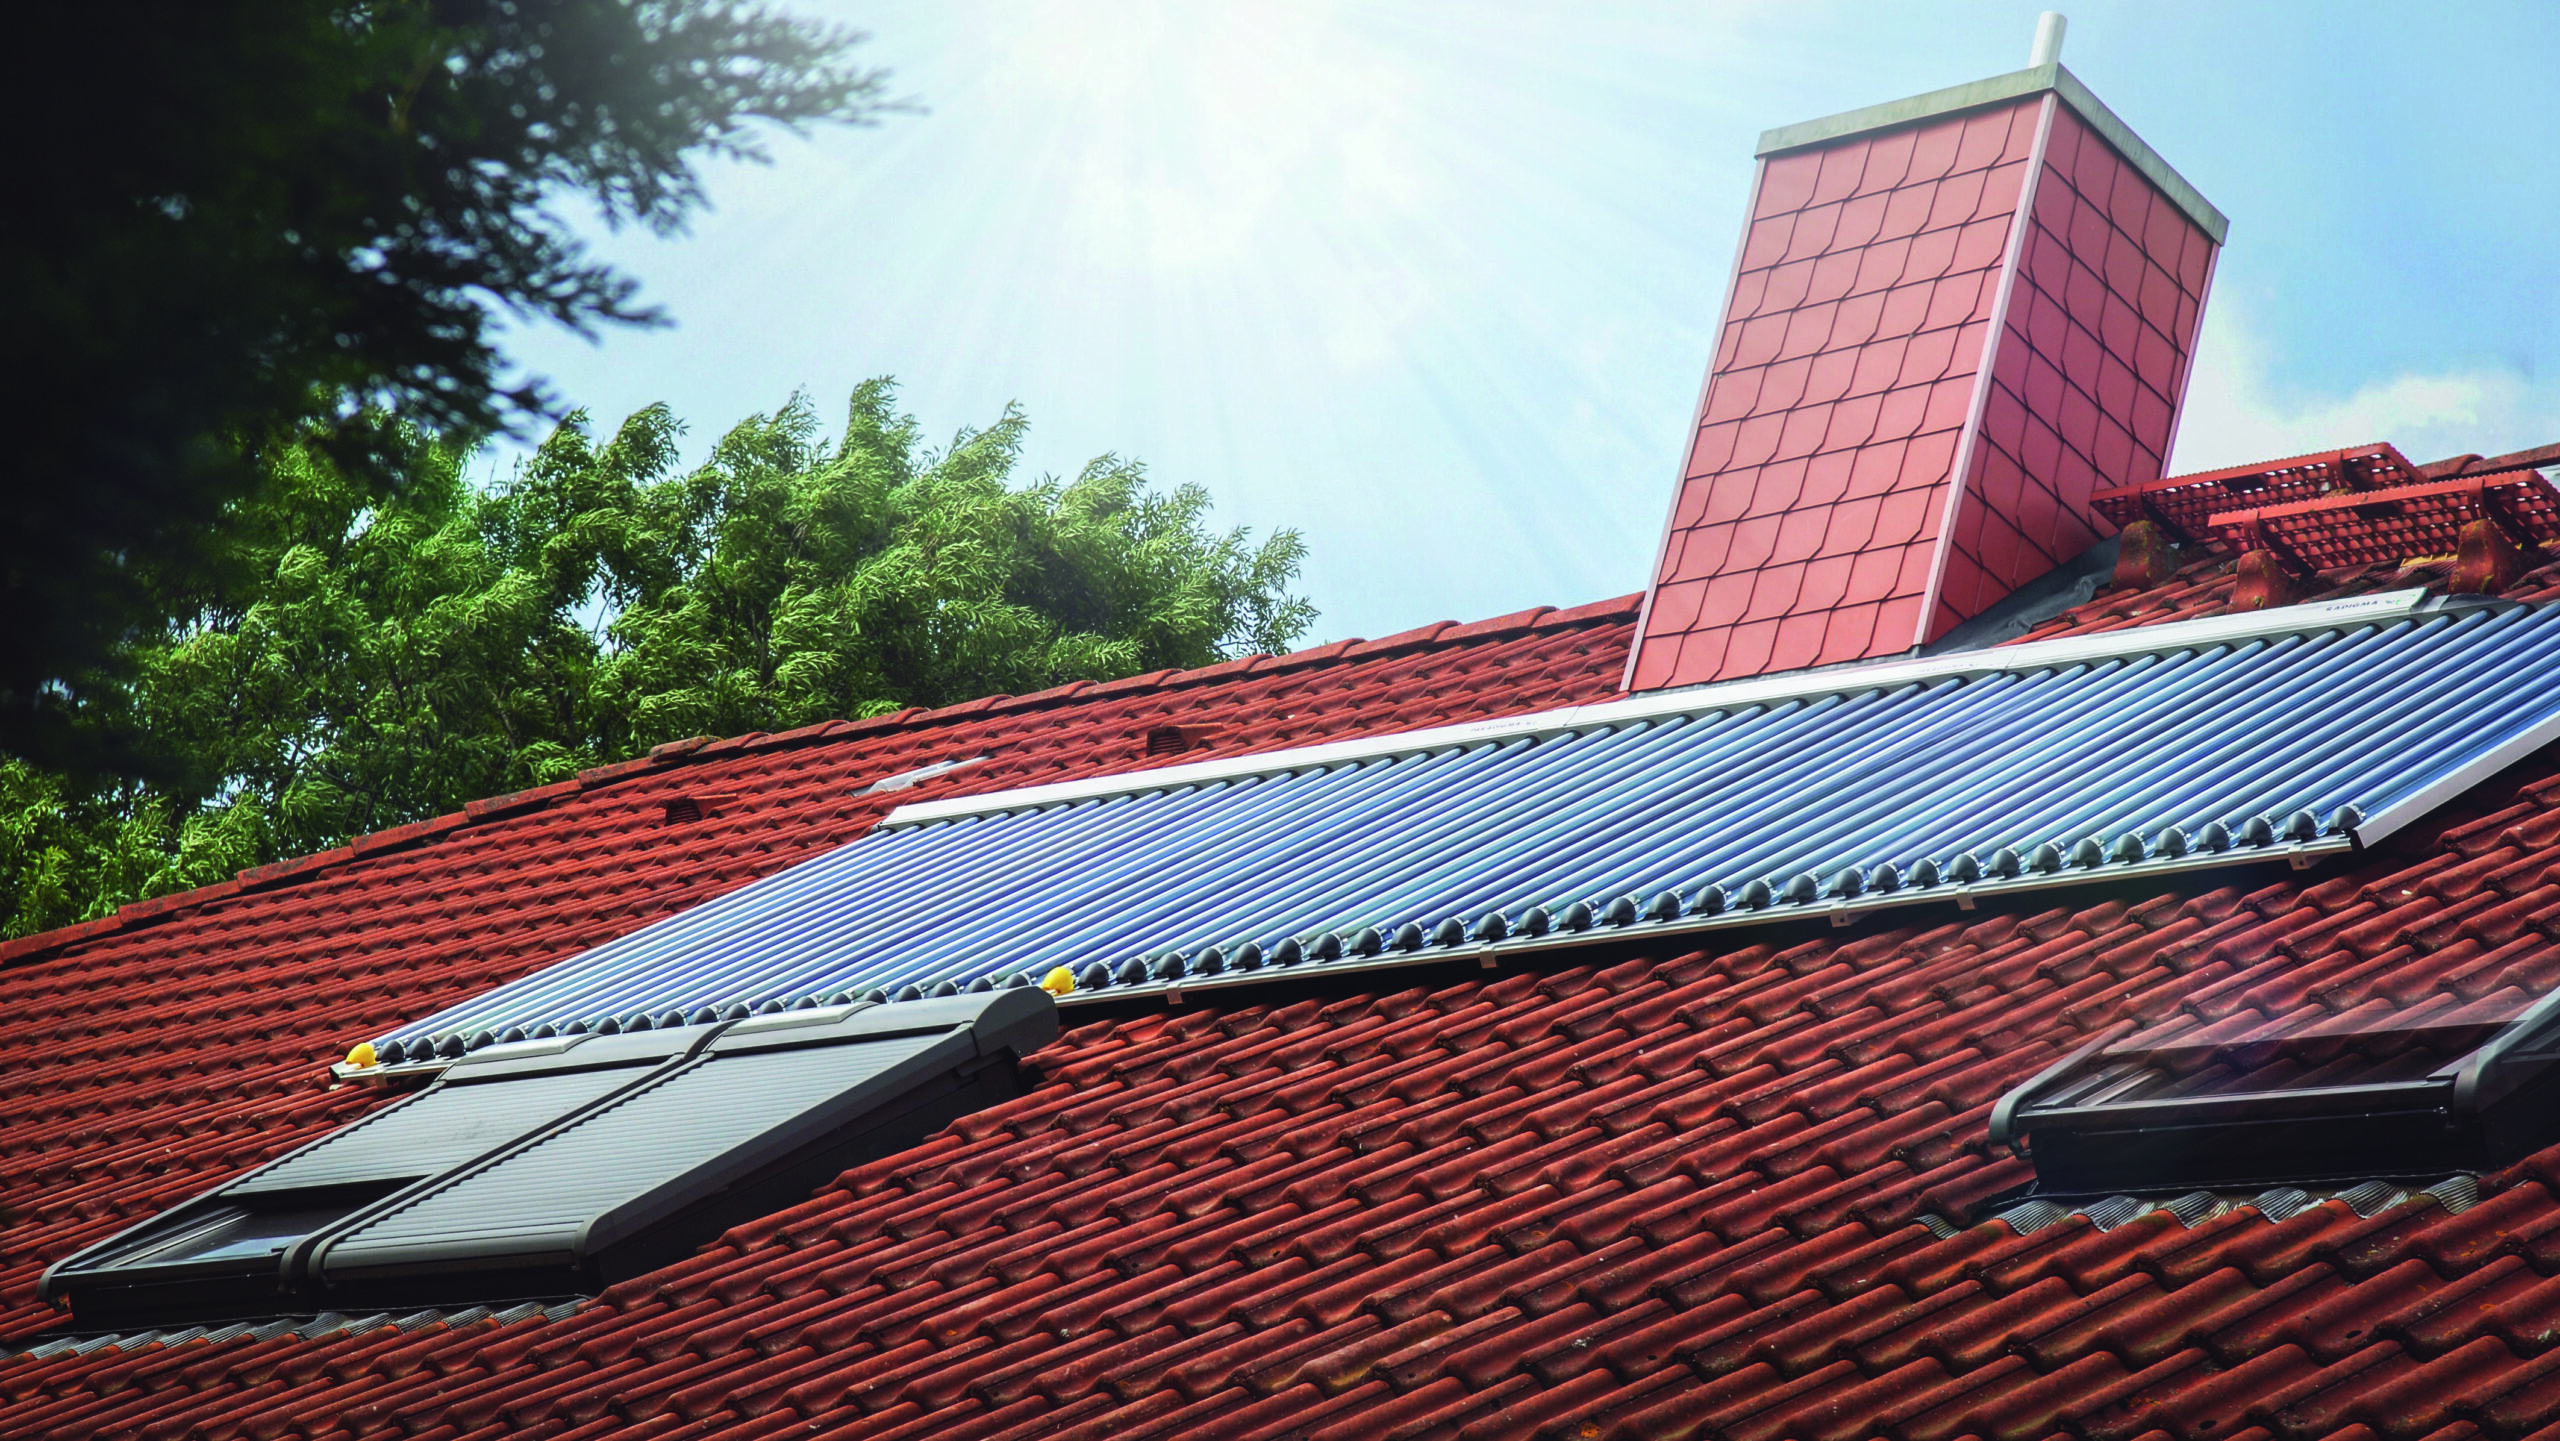 Dach mit Solarthermie-Anlage von Paradigma